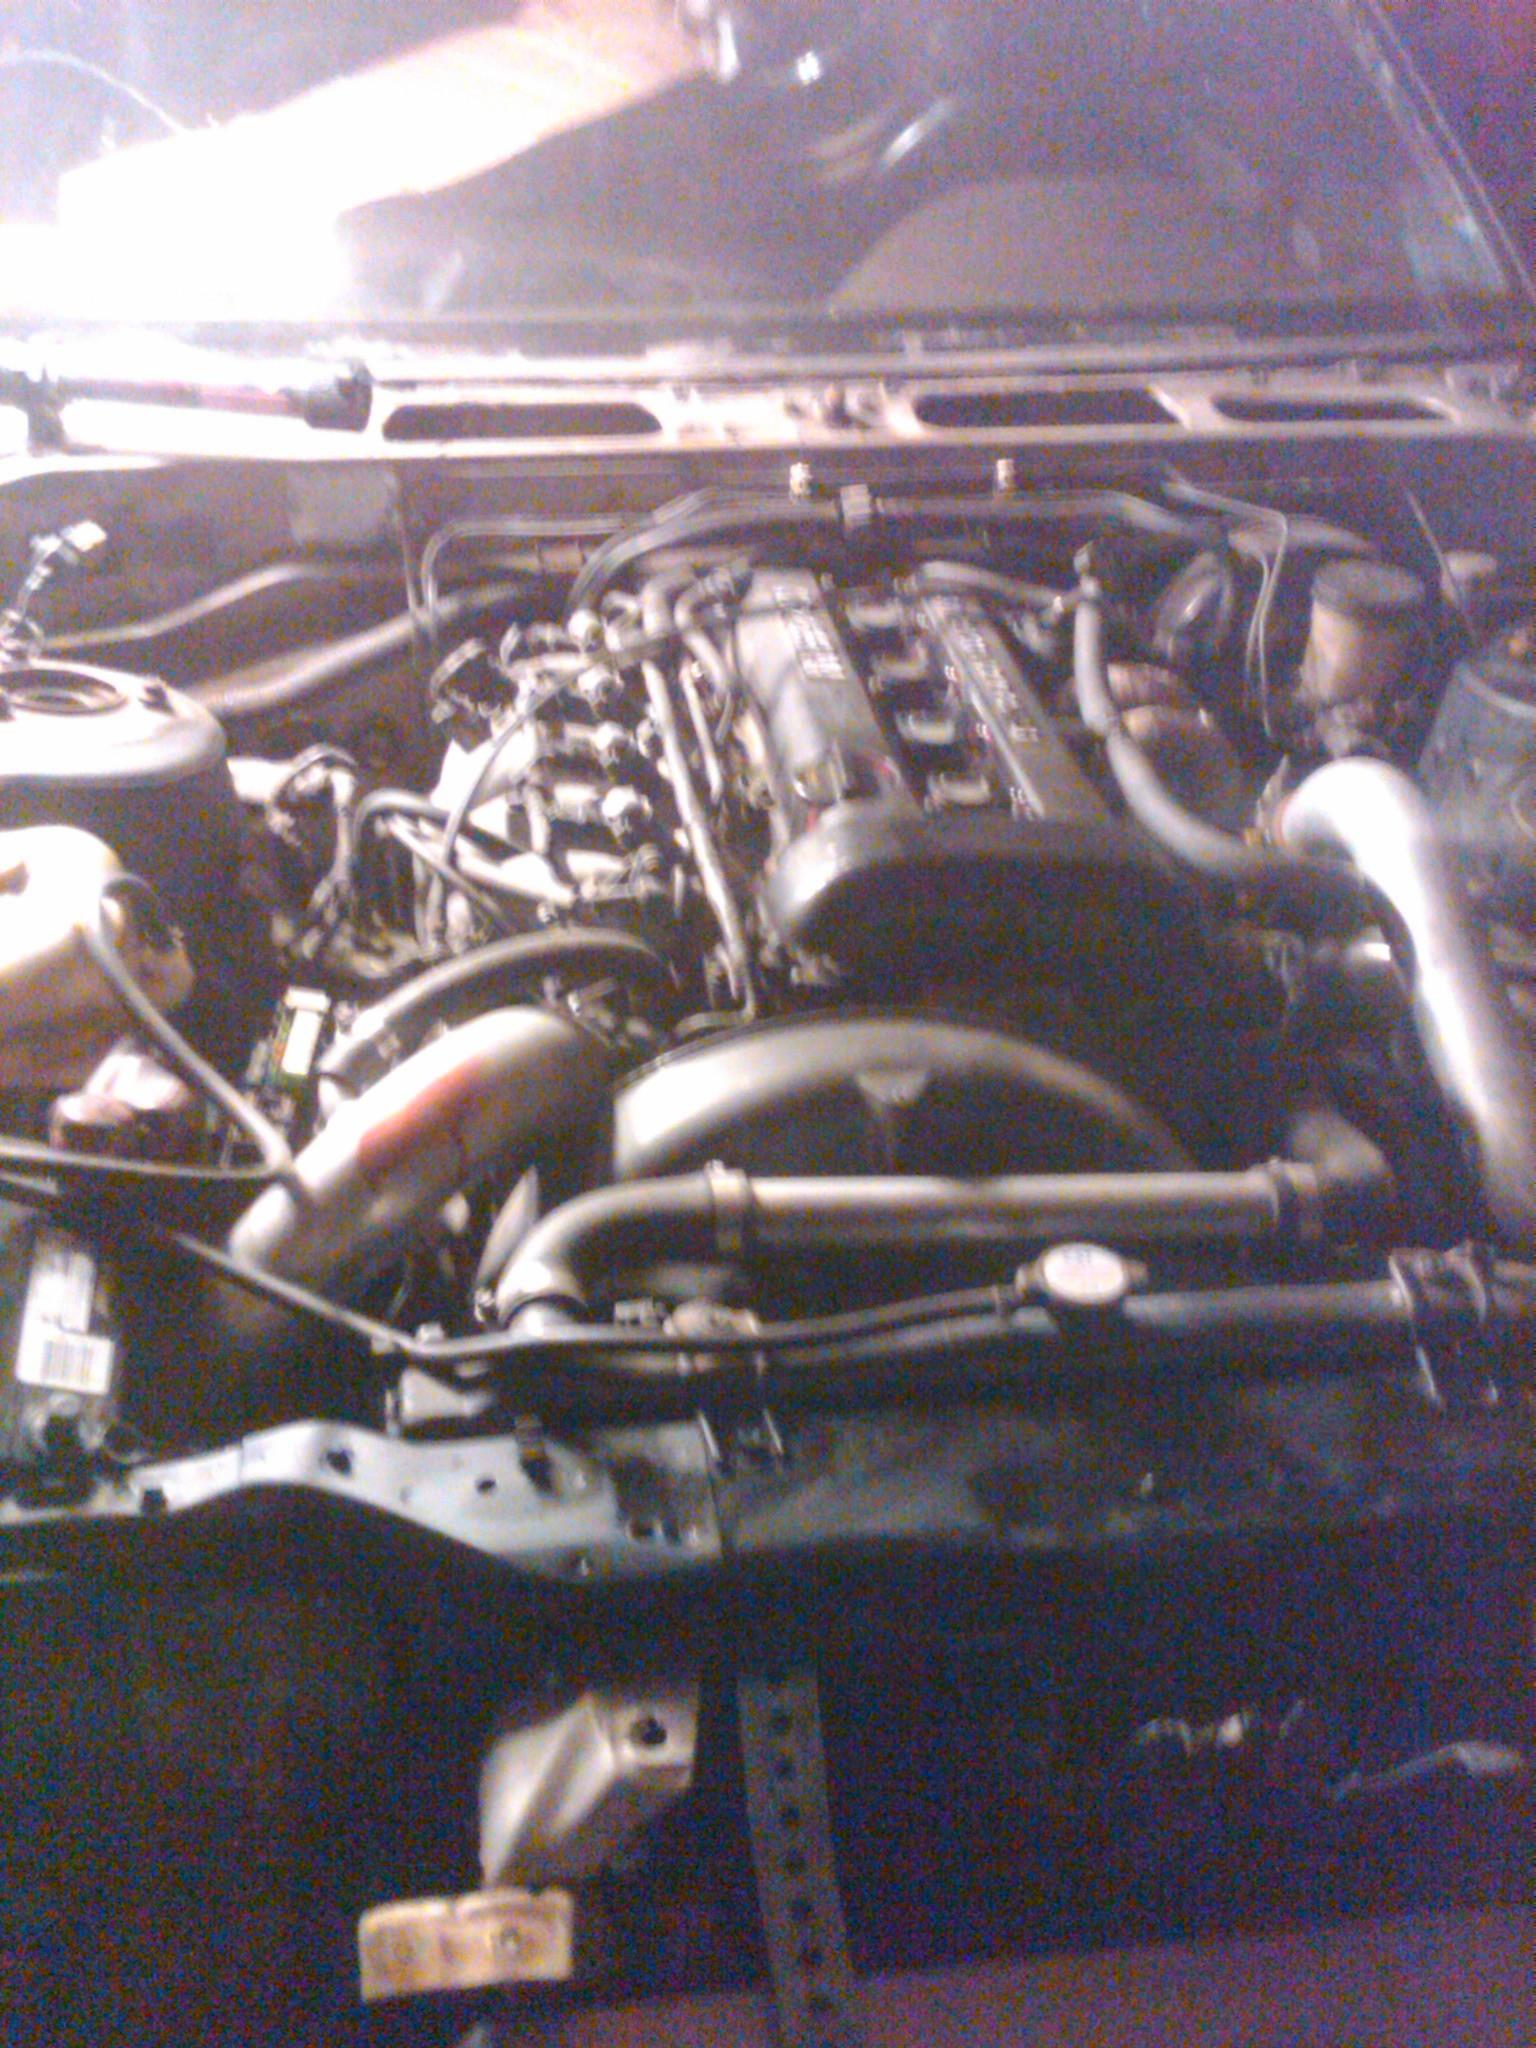 SR20DET Engine